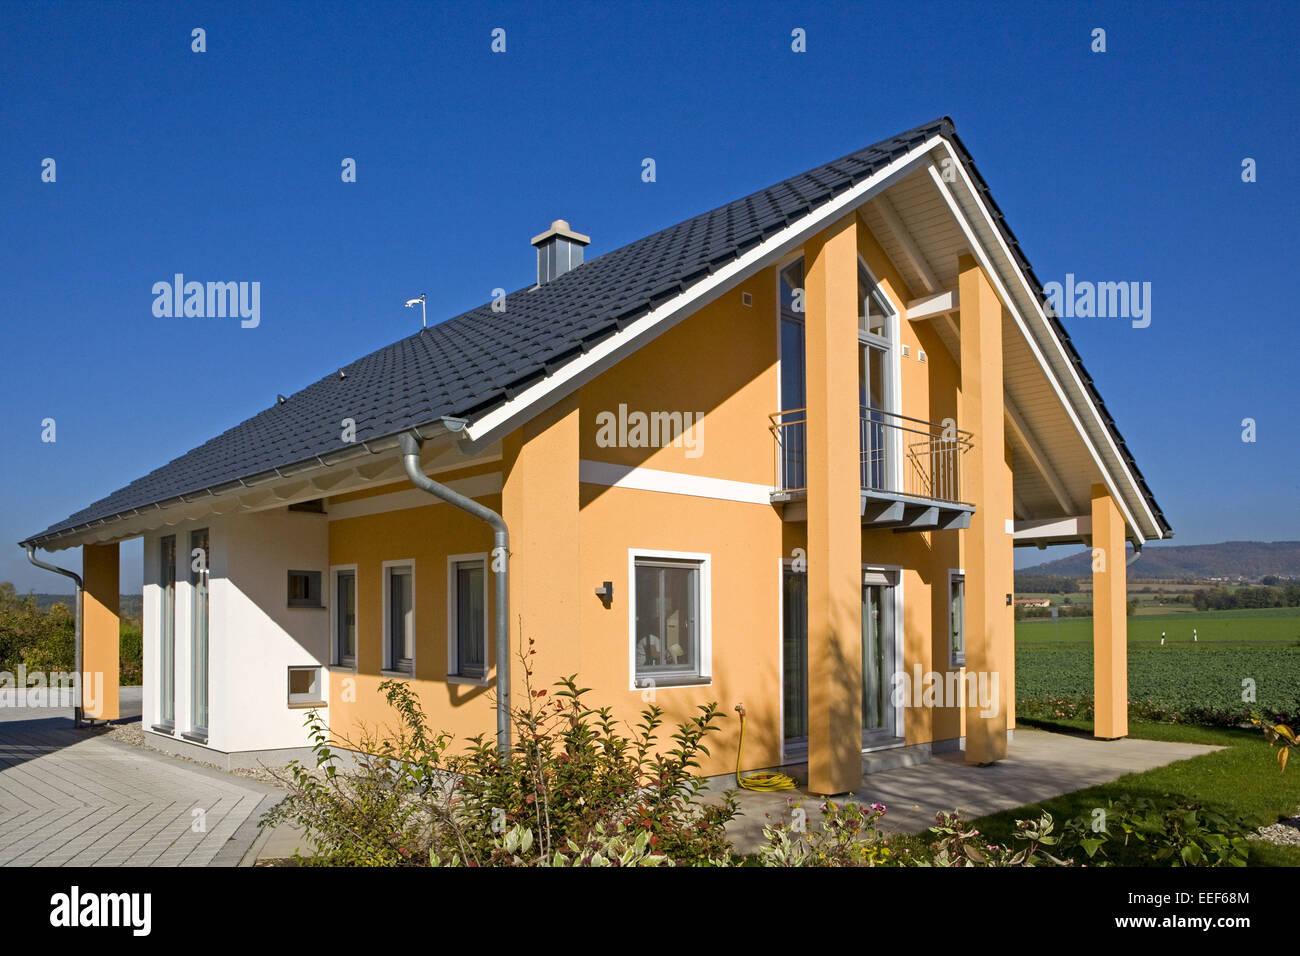 Wertanlage Stock Photos & Wertanlage Stock Images - Alamy